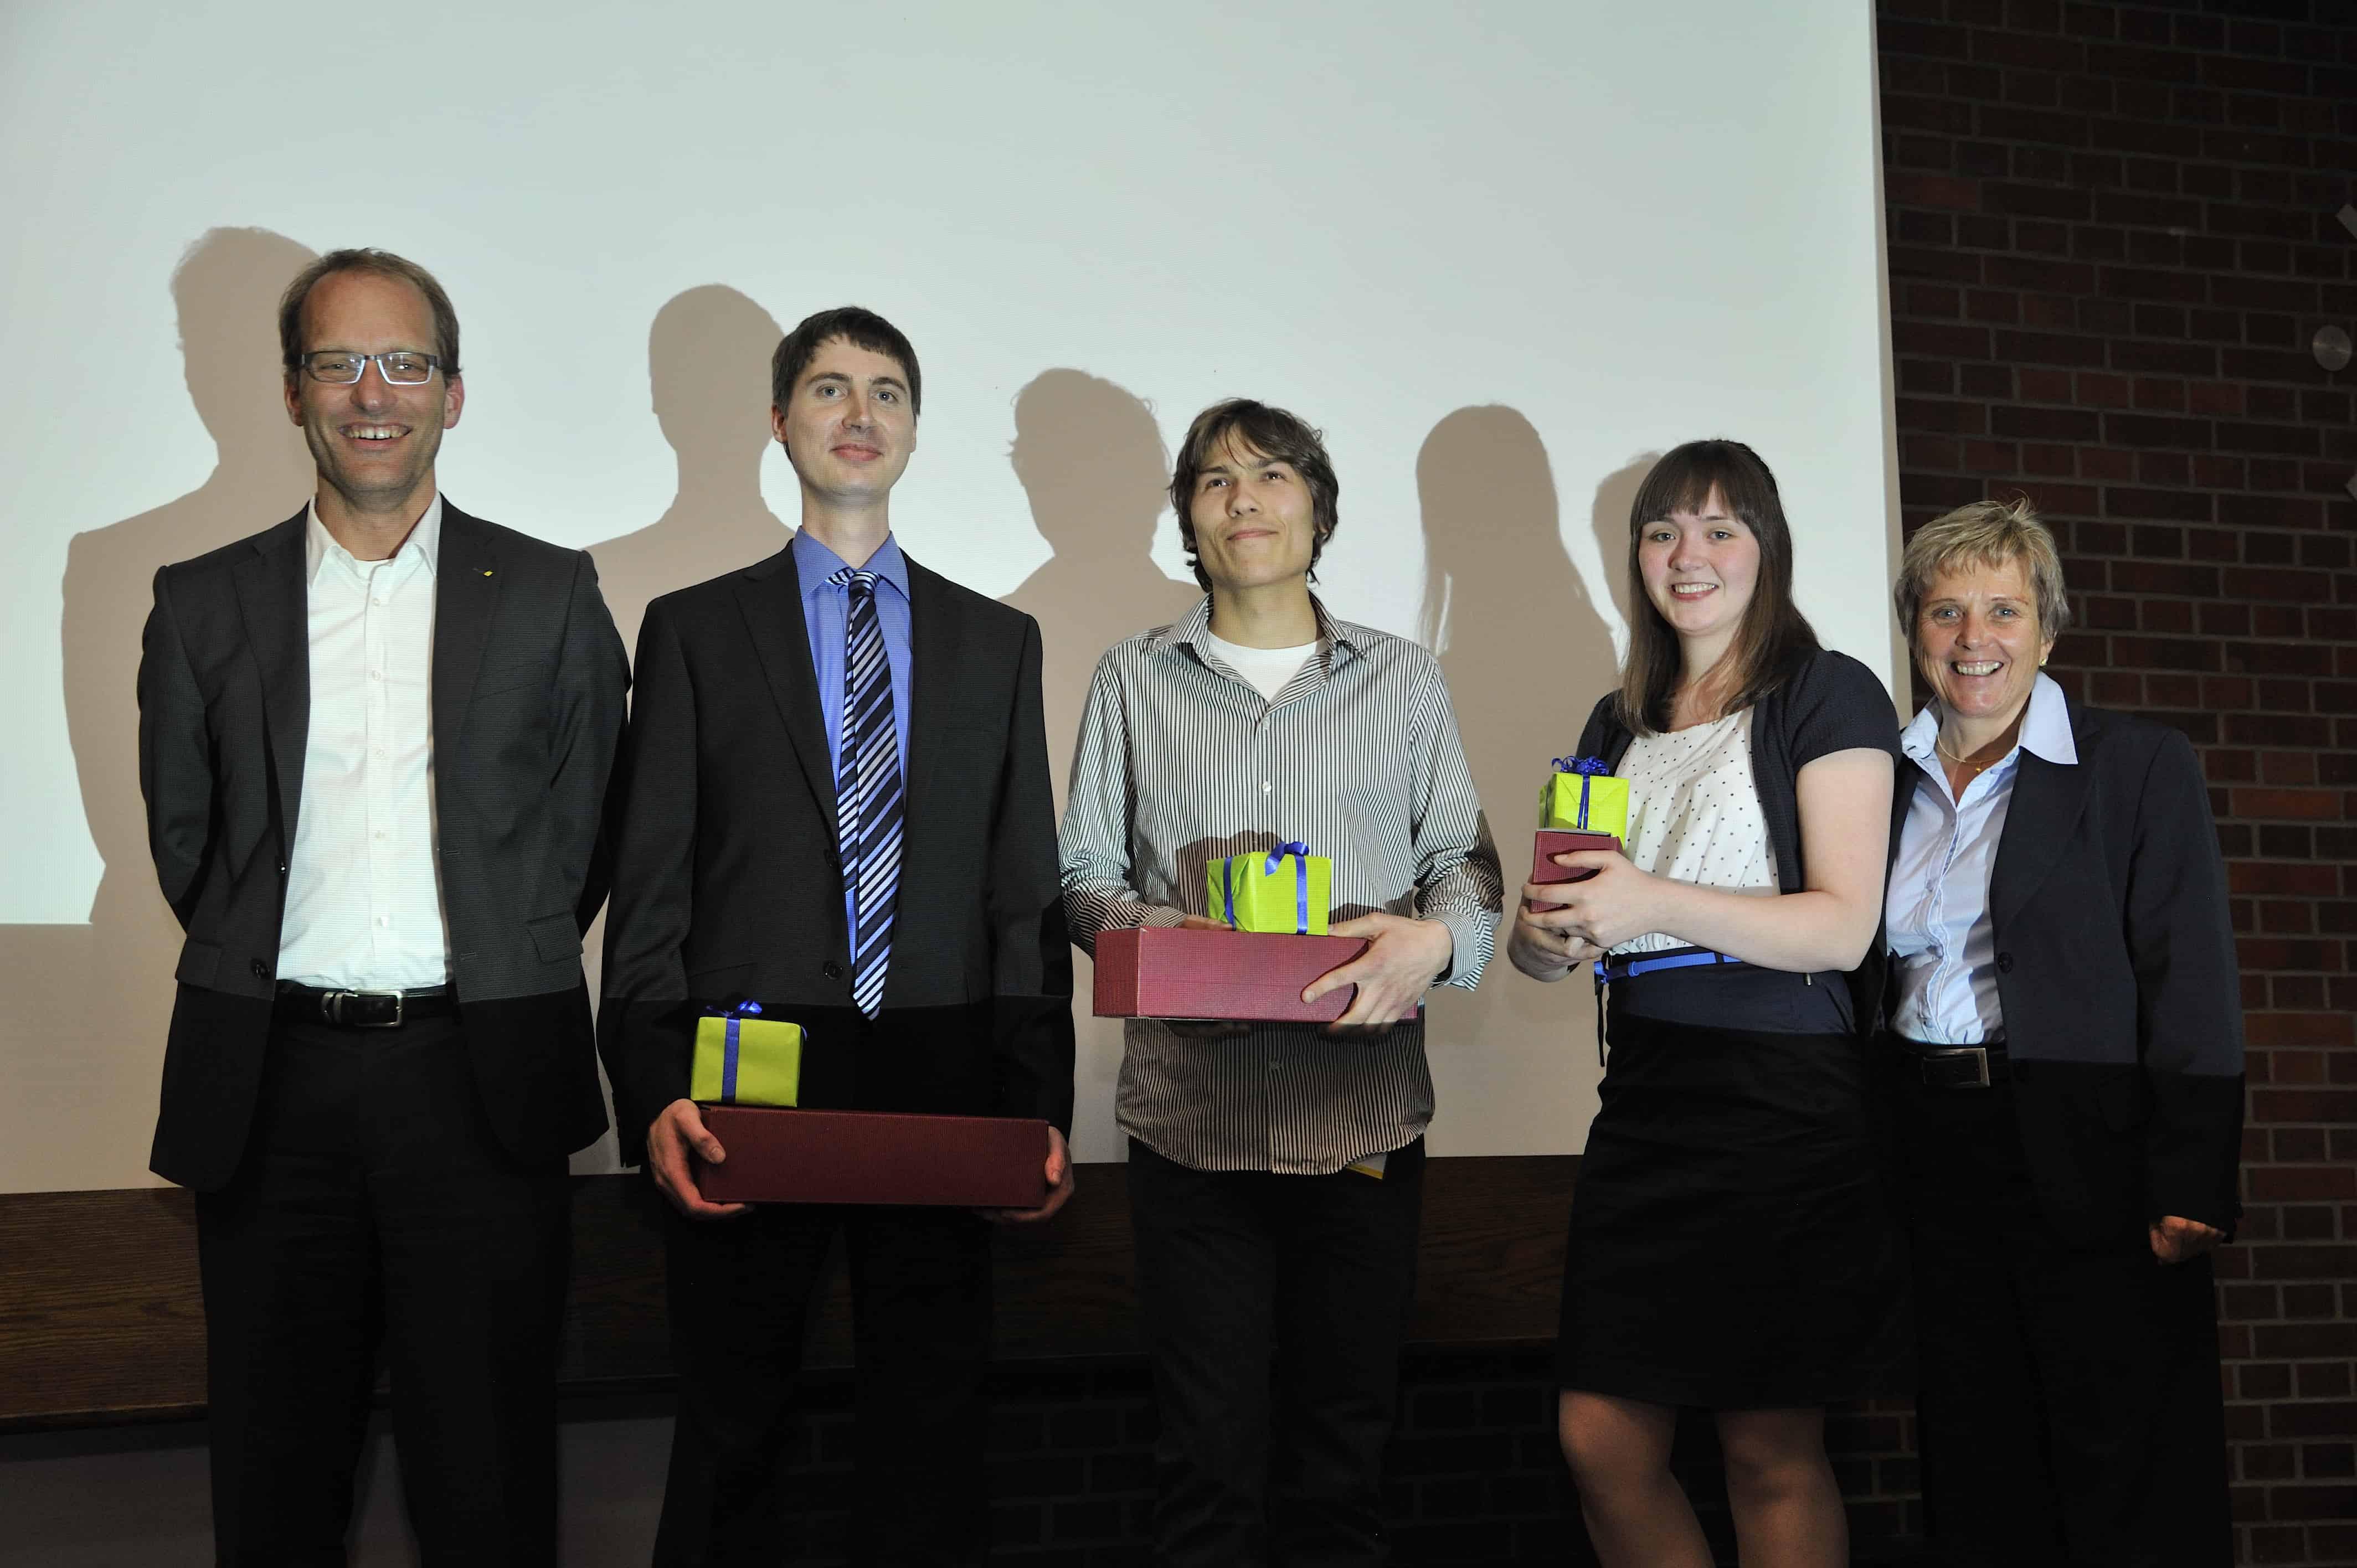 Impressionen von der Preisverleihung des 6. TANNER-Hochschulwettbewerbs